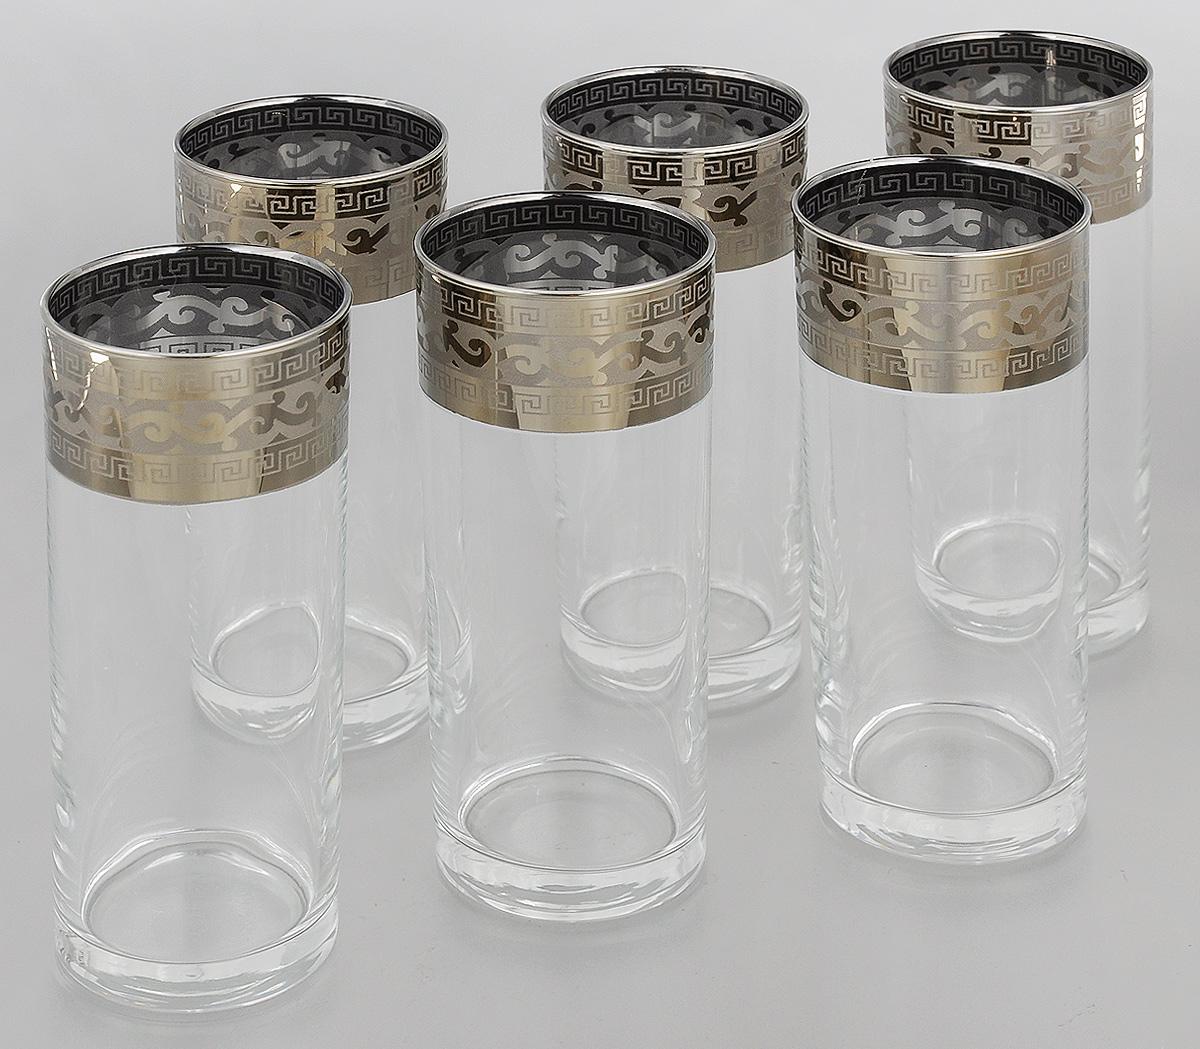 Набор стаканов Гусь-Хрустальный Греческий узор, 350 мл, 6 штGE01-806Набор Гусь-Хрустальный Греческий узор состоит из 6 высоких стаканов, изготовленных из высококачественного натрий-кальций-силикатного стекла. Изделия оформлены красивым зеркальным покрытием и прозрачным орнаментом. Стаканы предназначены для подачи коктейлей, а также воды и сока. Такой набор прекрасно дополнит праздничный стол и станет желанным подарком в любом доме. Разрешается мыть в посудомоечной машине. Диаметр стакана (по верхнему краю): 6,2 см. Высота стакана: 15,5 см.